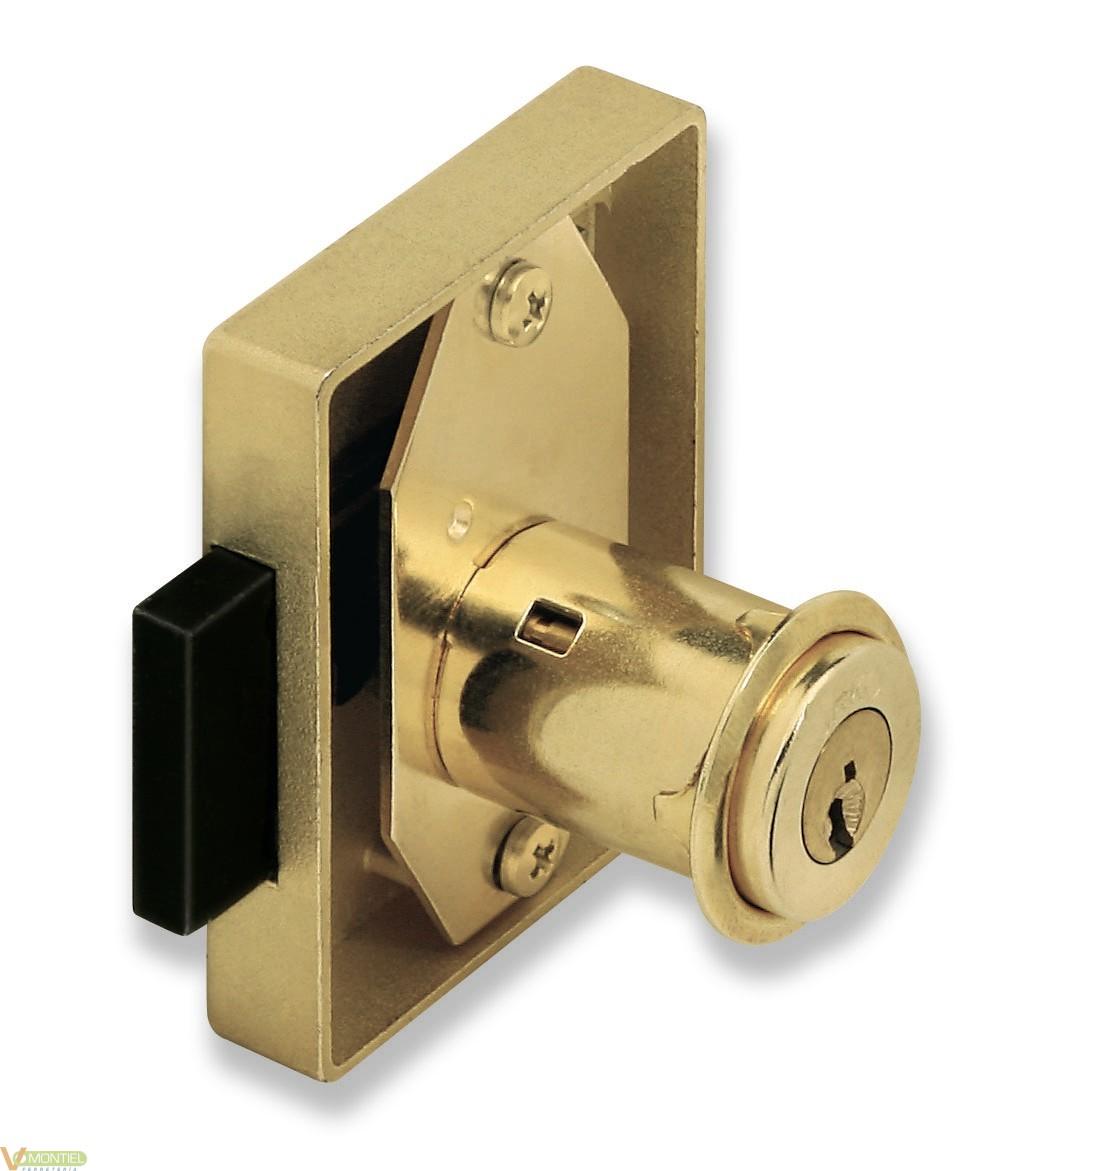 Cerradura mueb entrada 40mm 23-0